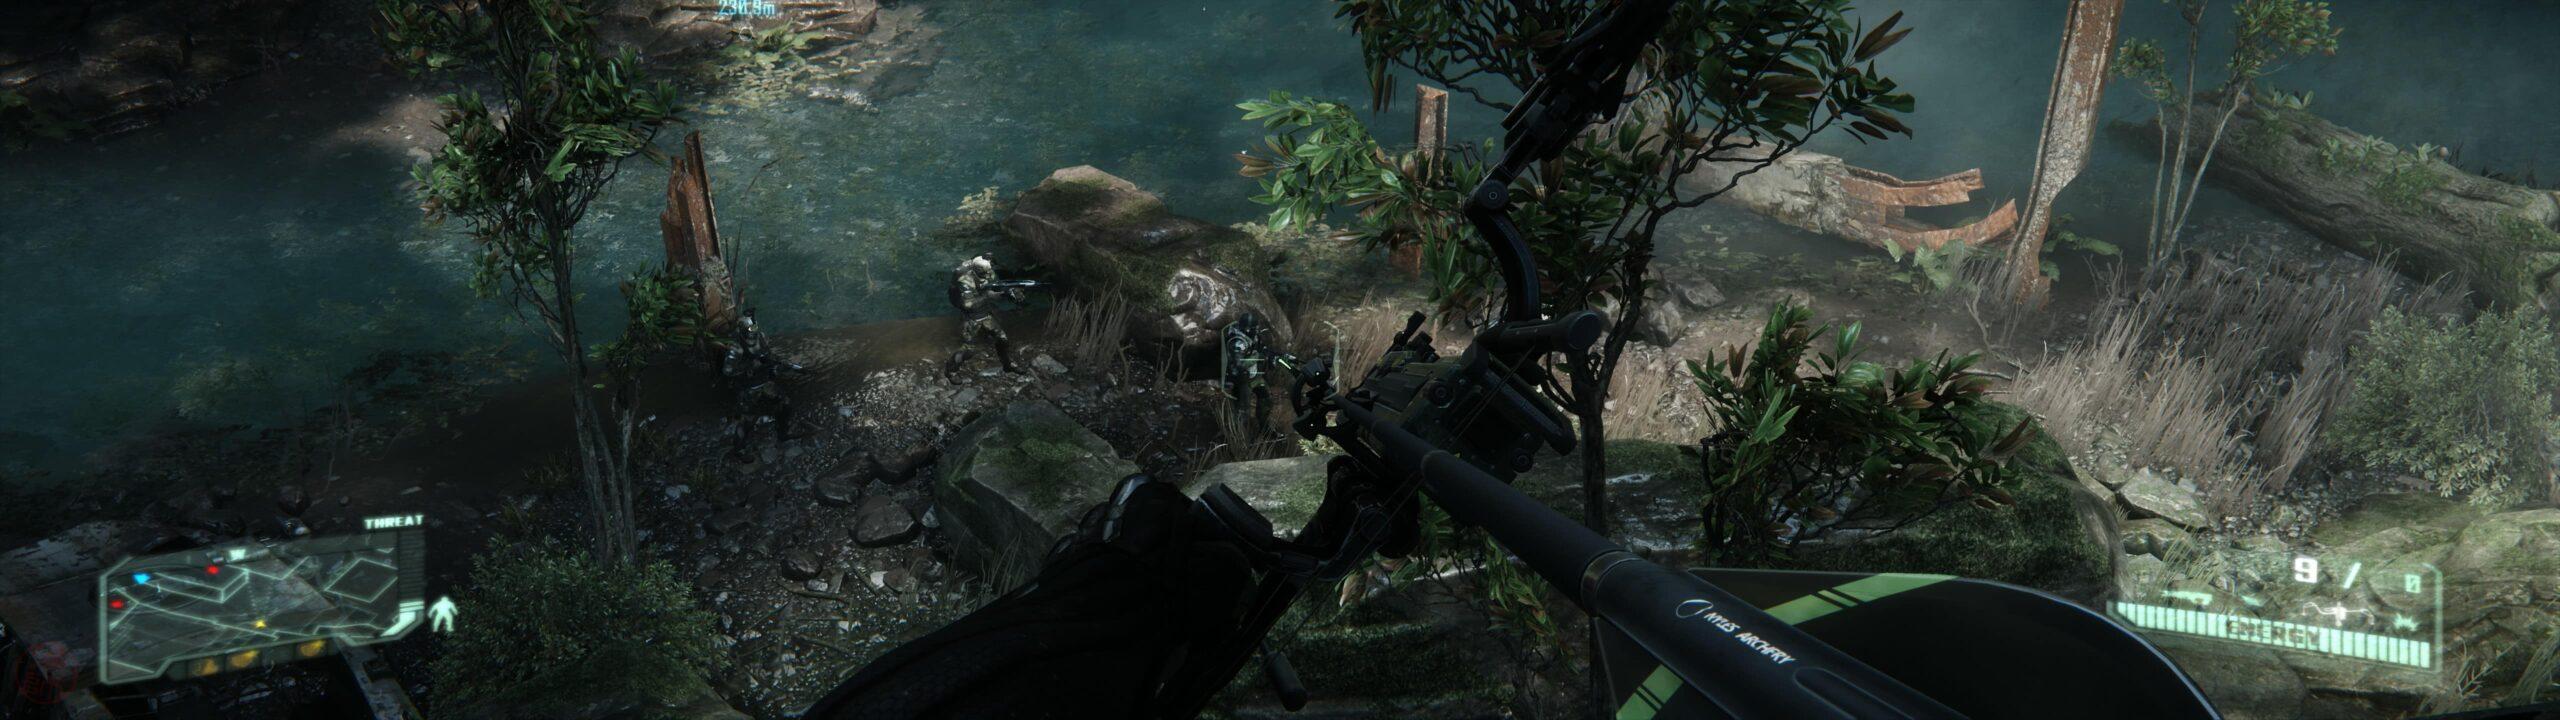 Crysis 3 (5)